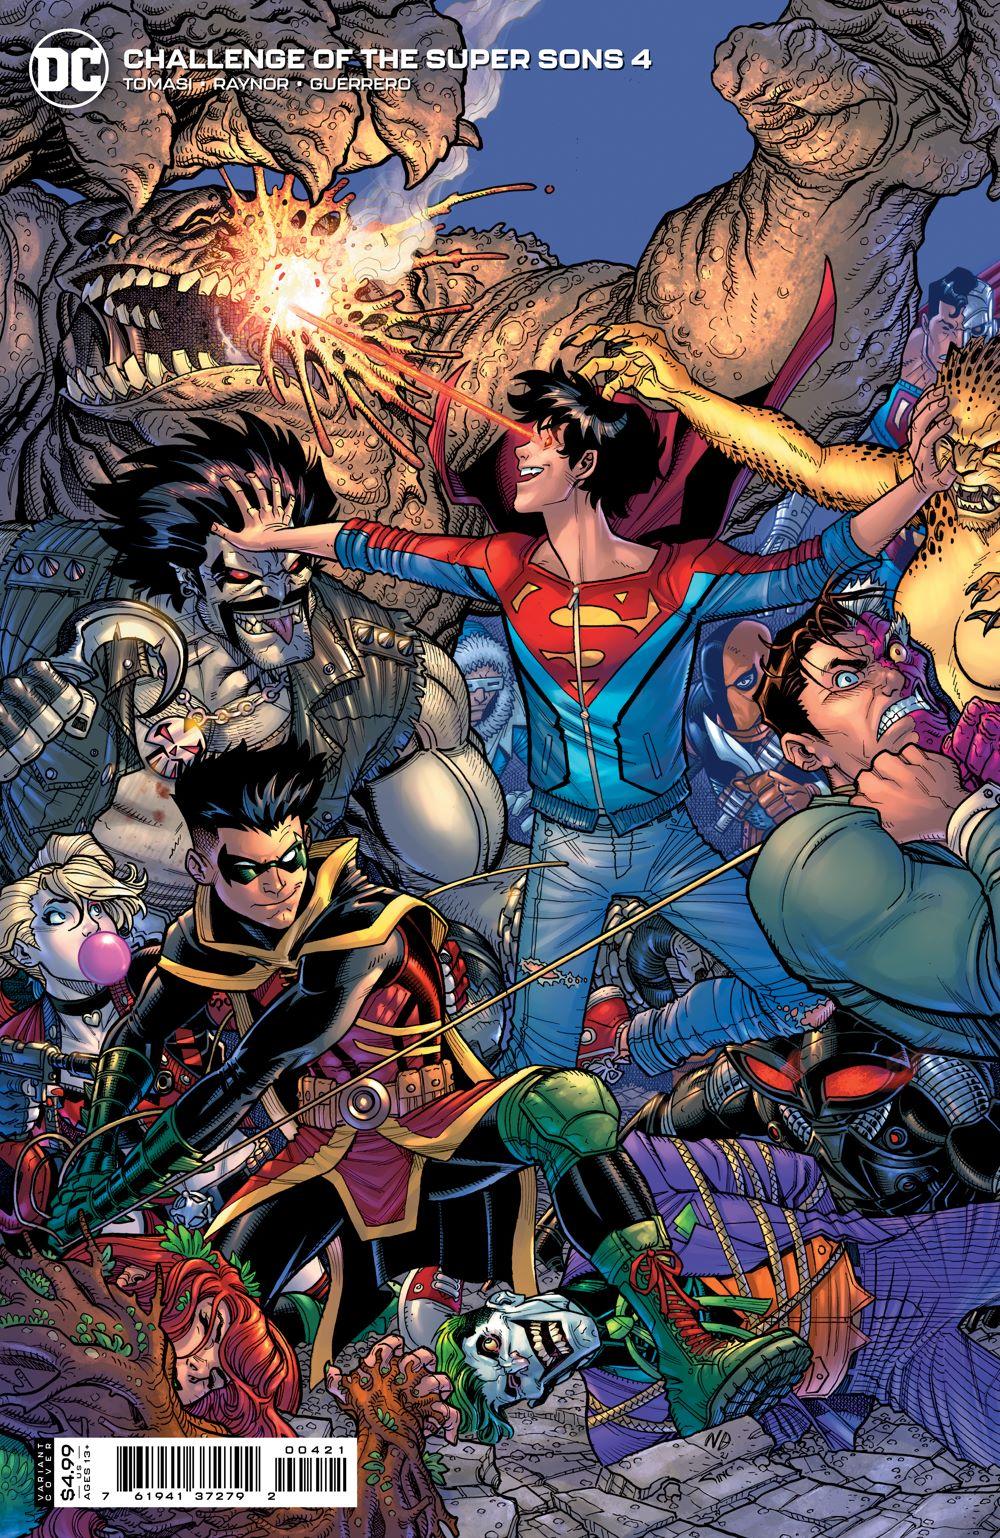 COTSuperSons_Cv4_var DC Comics July 2021 Solicitations